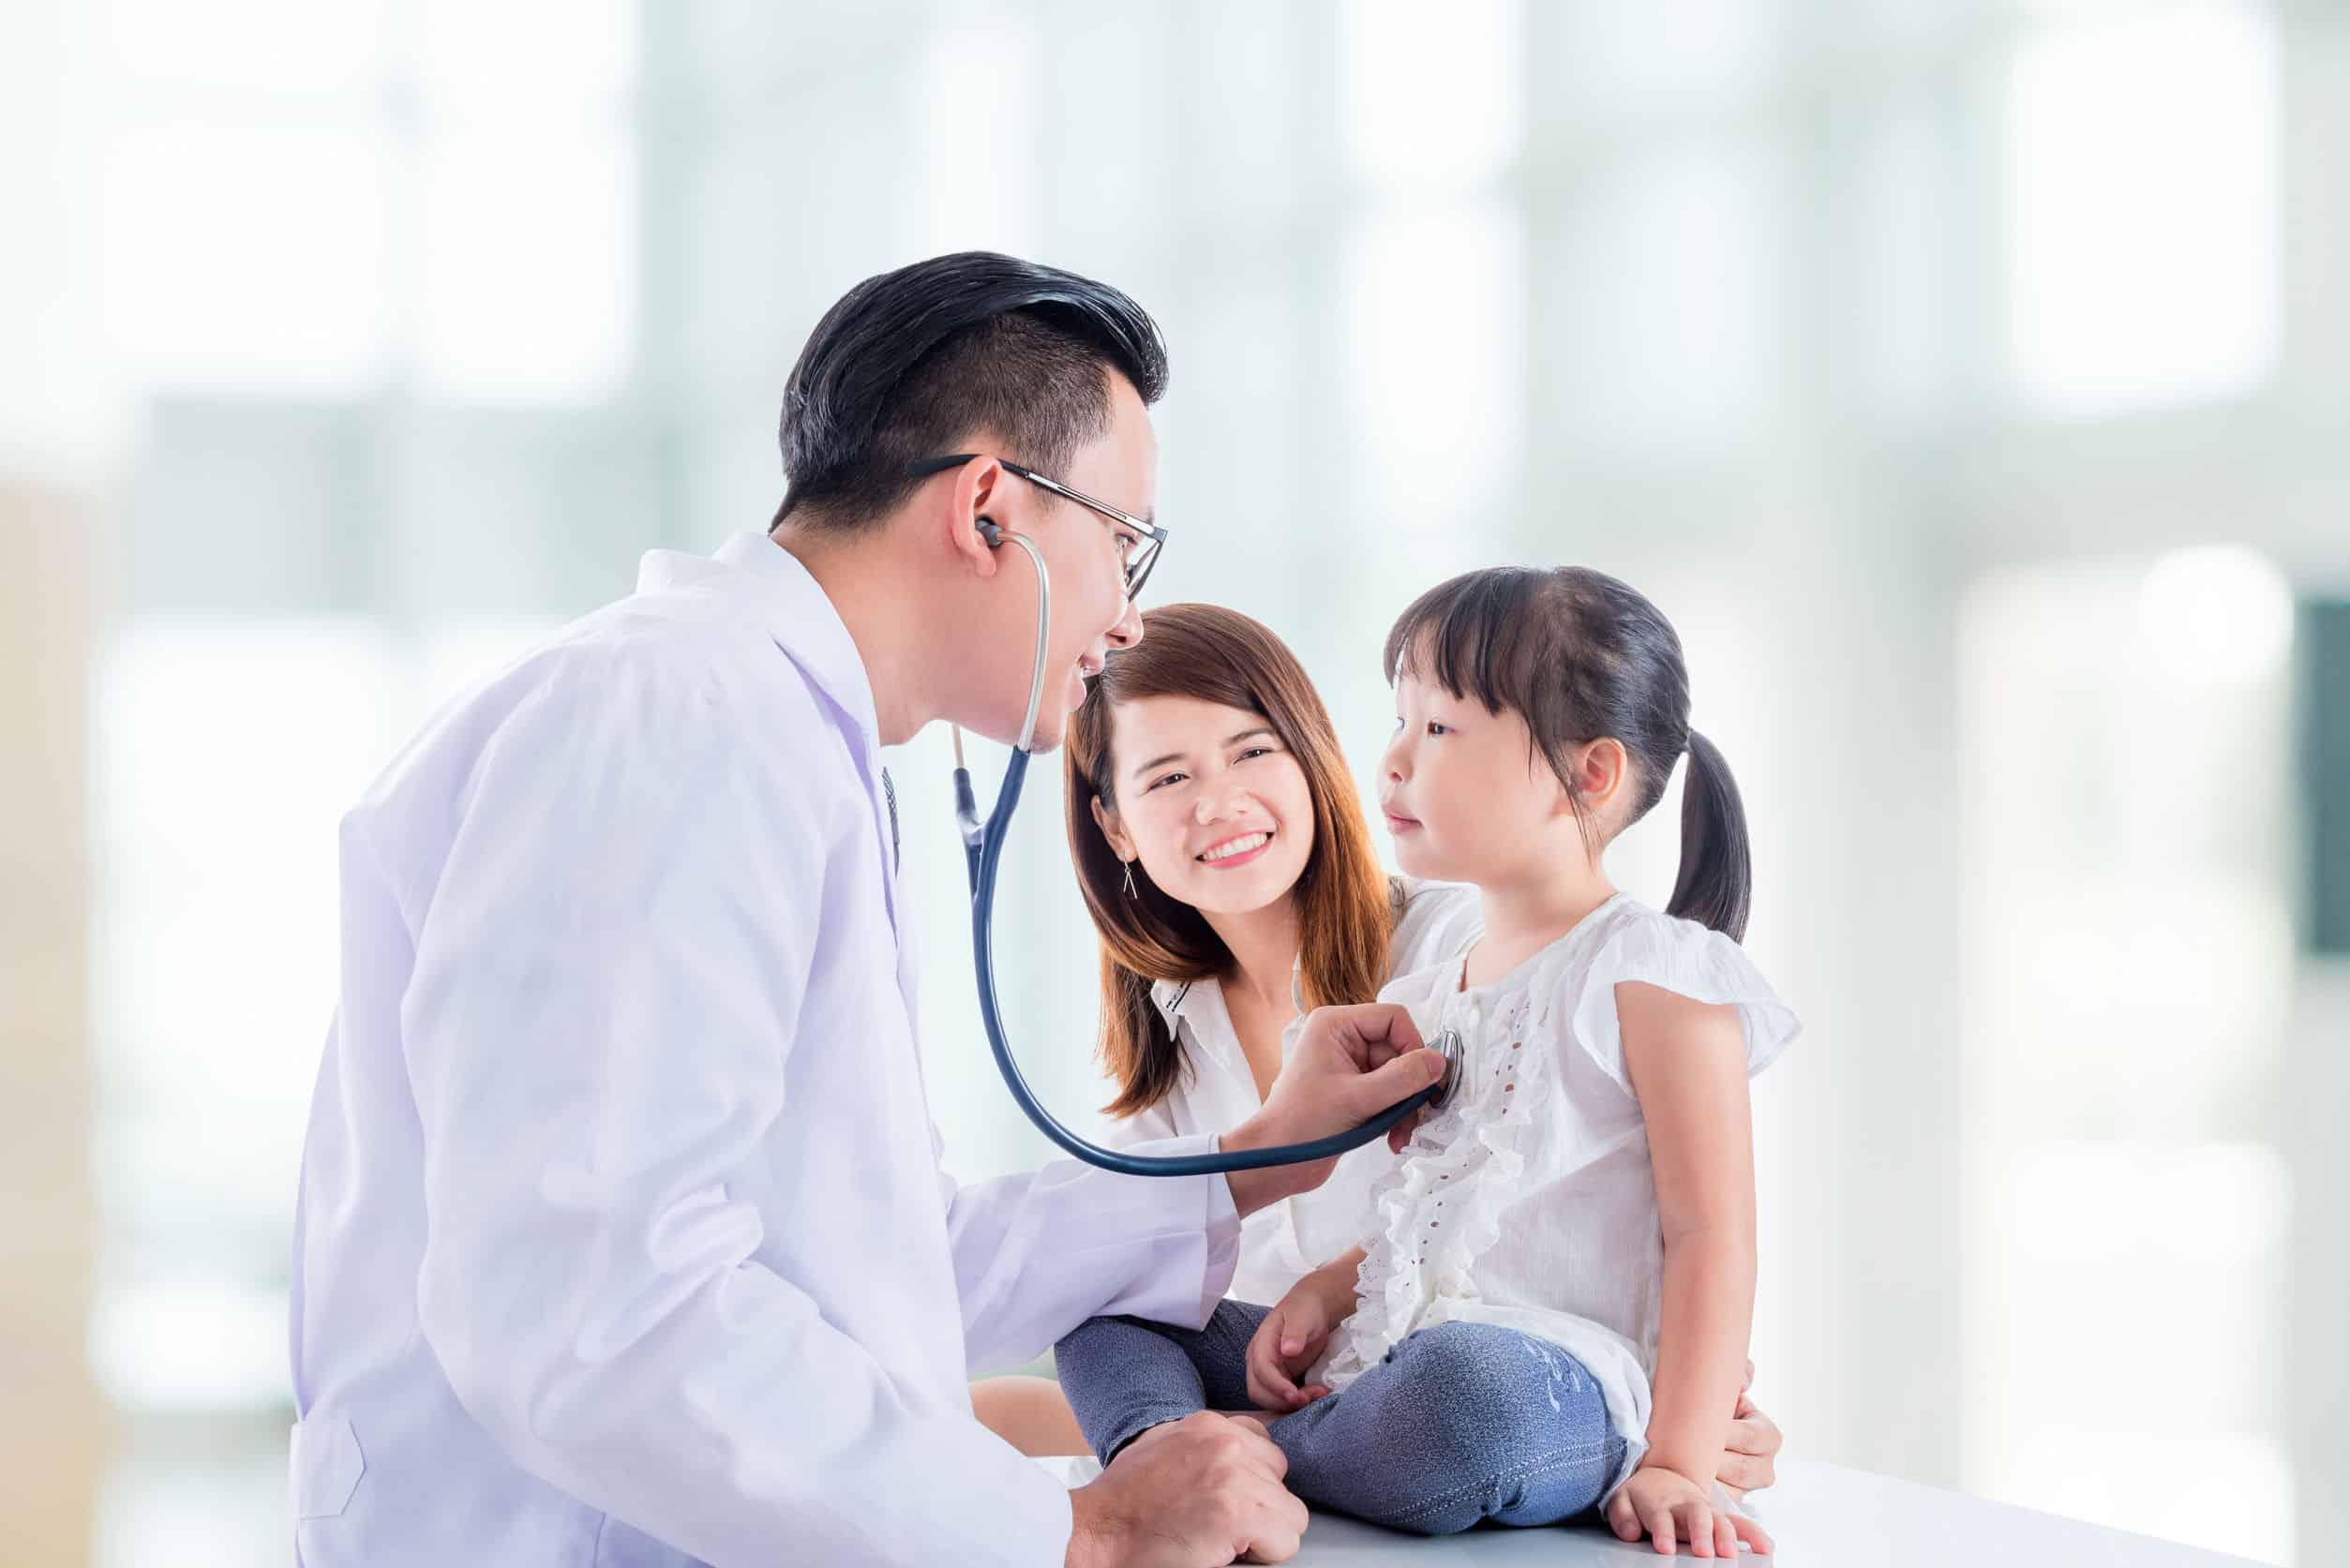 Médico examinando criança com estetoscópio enquanto a mãe sorri ao lado.